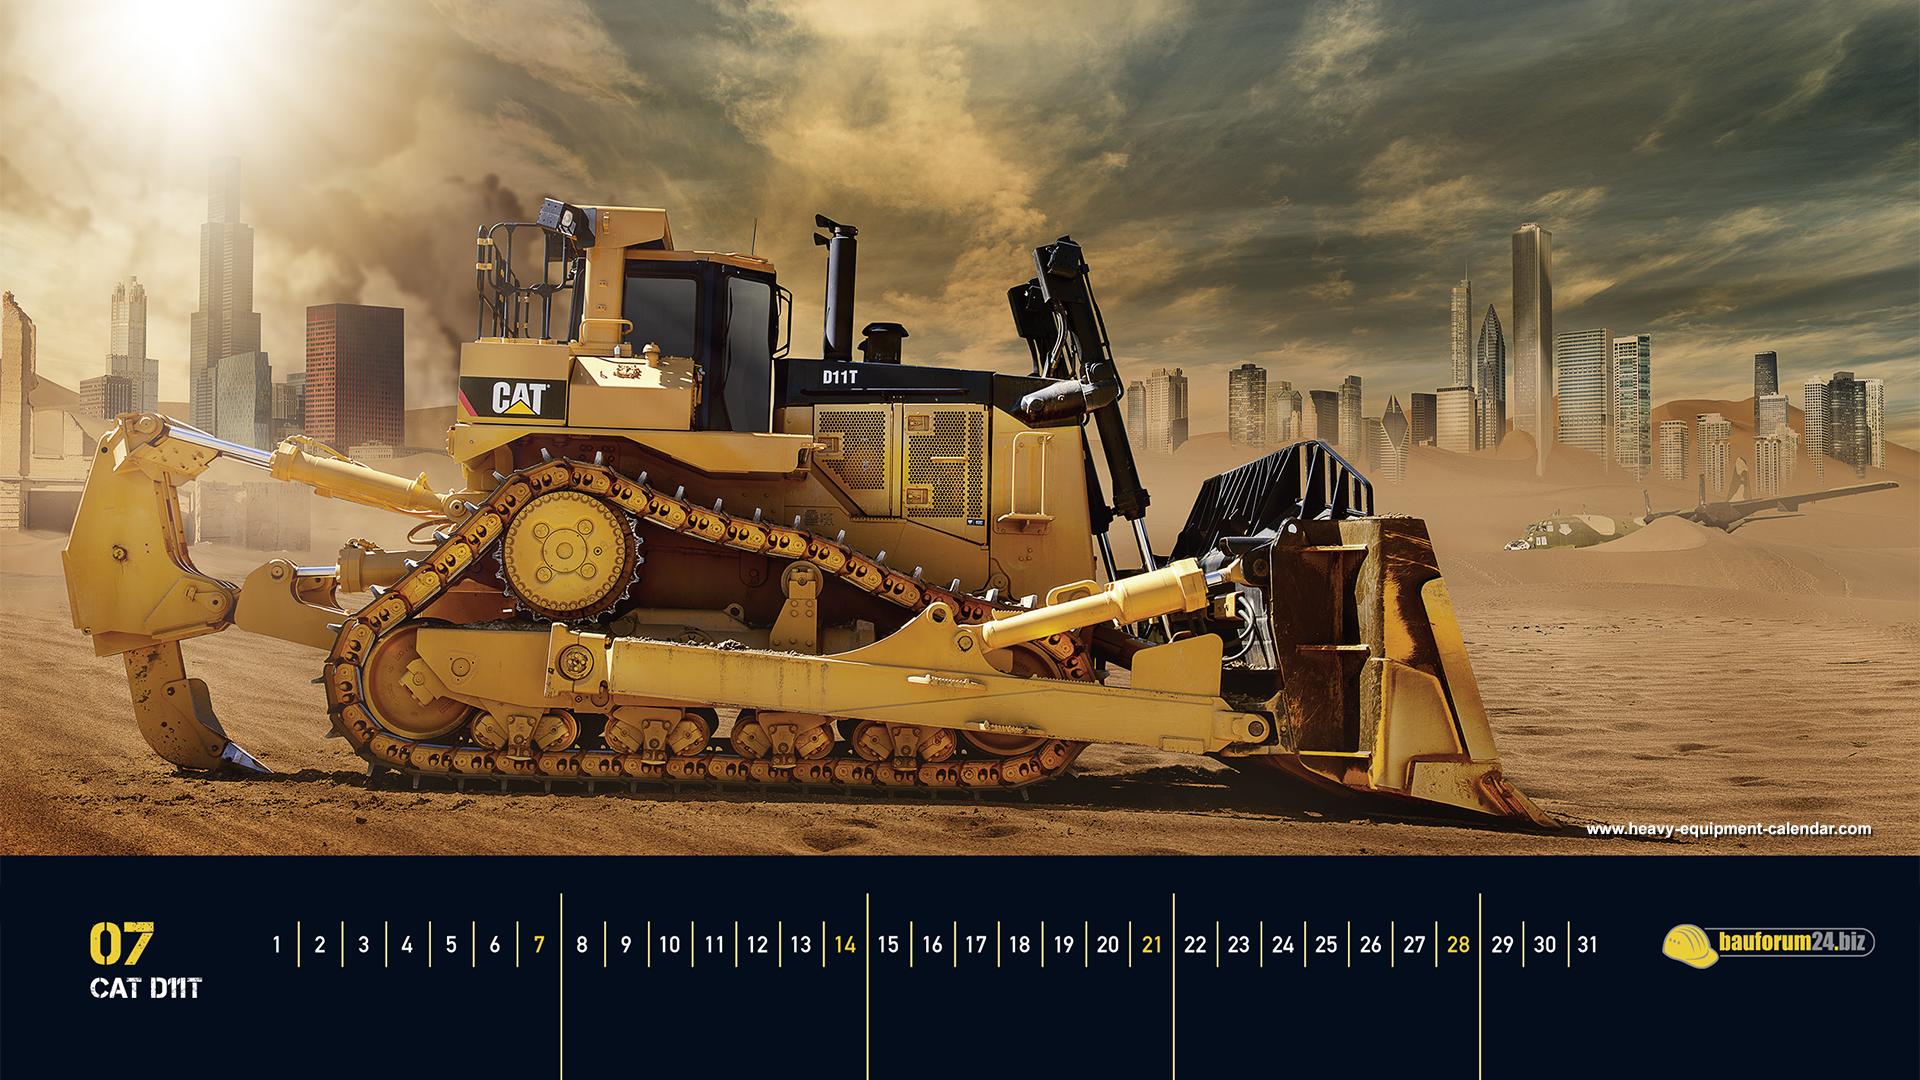 Caterpillar Equipment Wallpaper 1920x1080